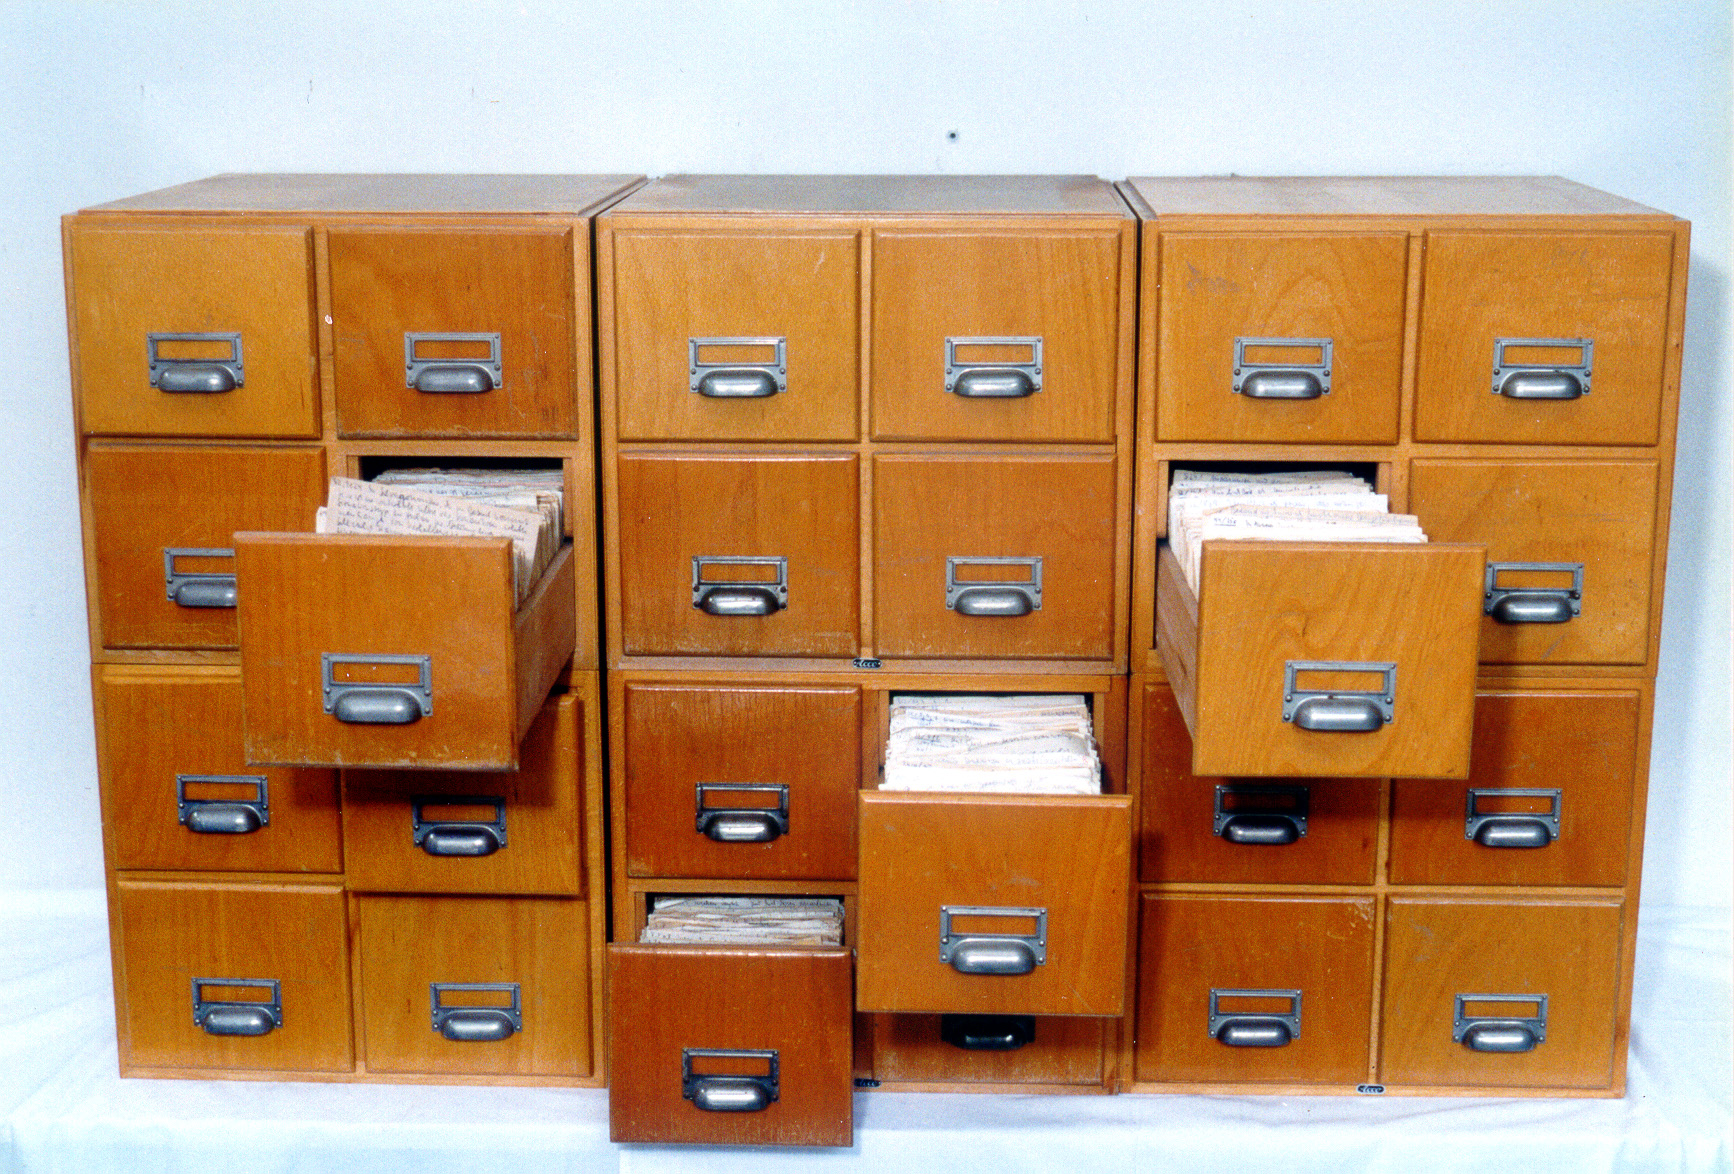 Der Zettelkasten ist das Geheimnis von Niklas Luhmanns immenser Produktivität. Foto: Uni-versität Bielefeld